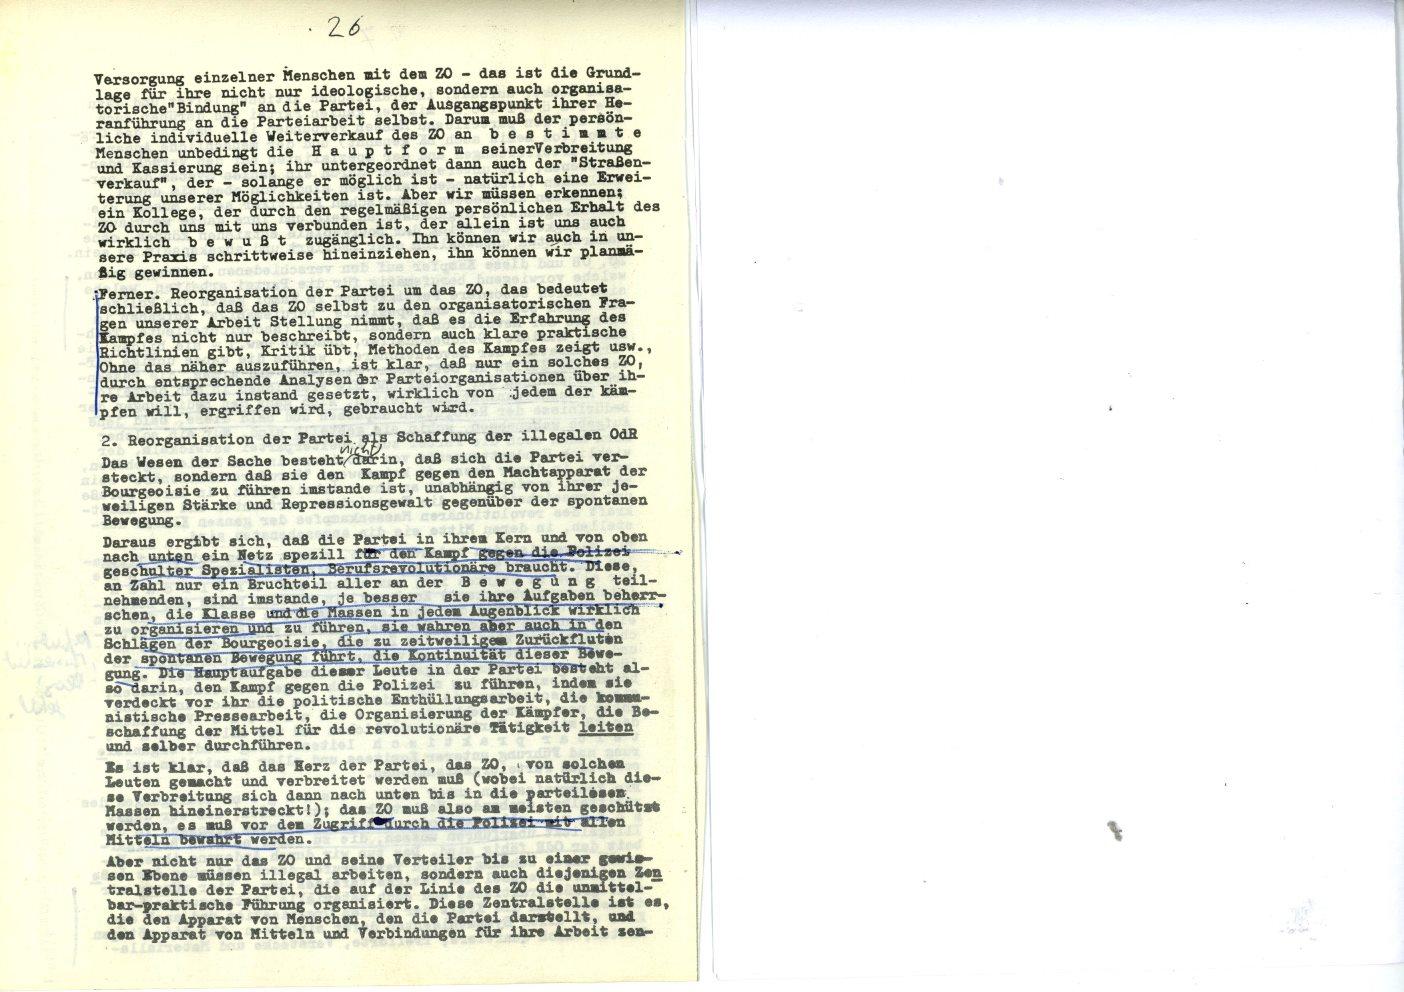 ZB_1972_Diskussionsorgan_zur_ersten_Parteikonferenz_15